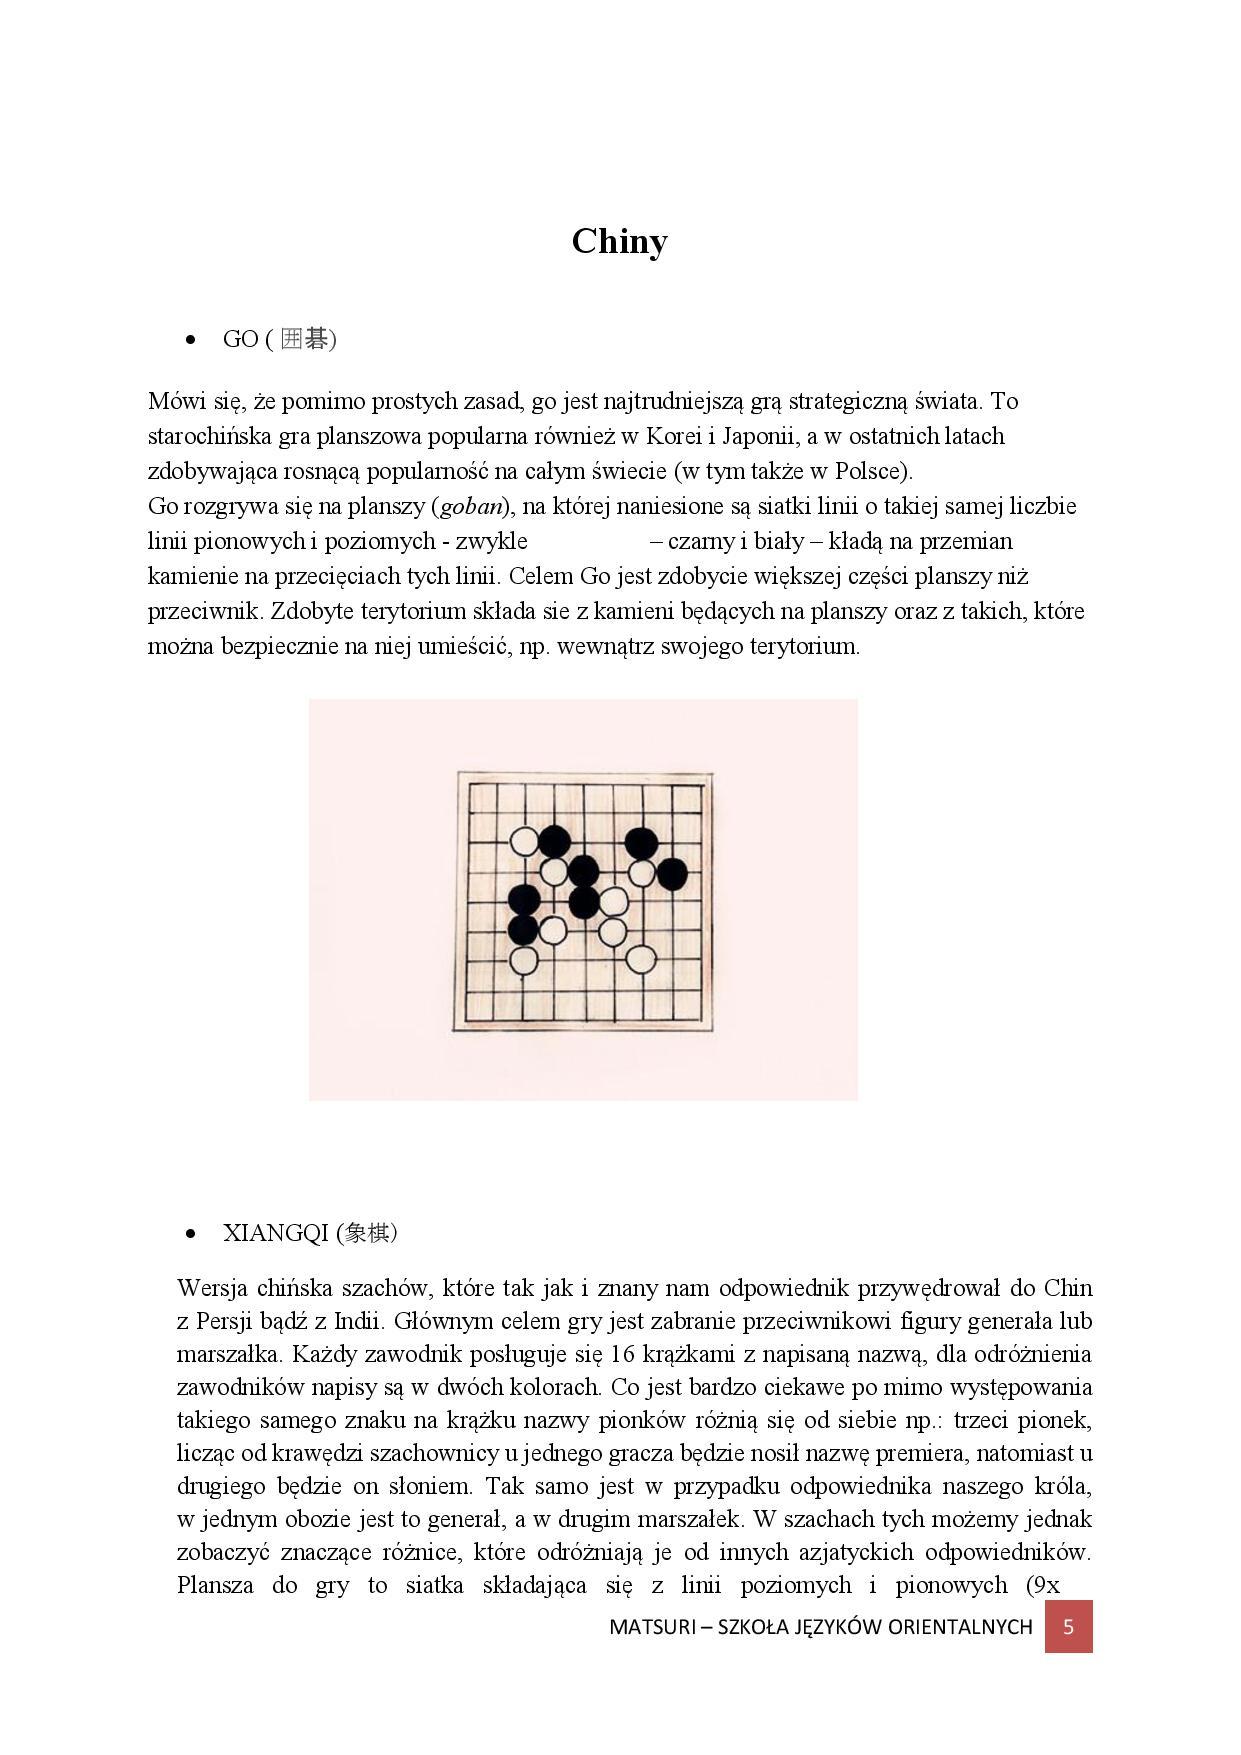 Tradycyjne gry planszowe z Azji1-5